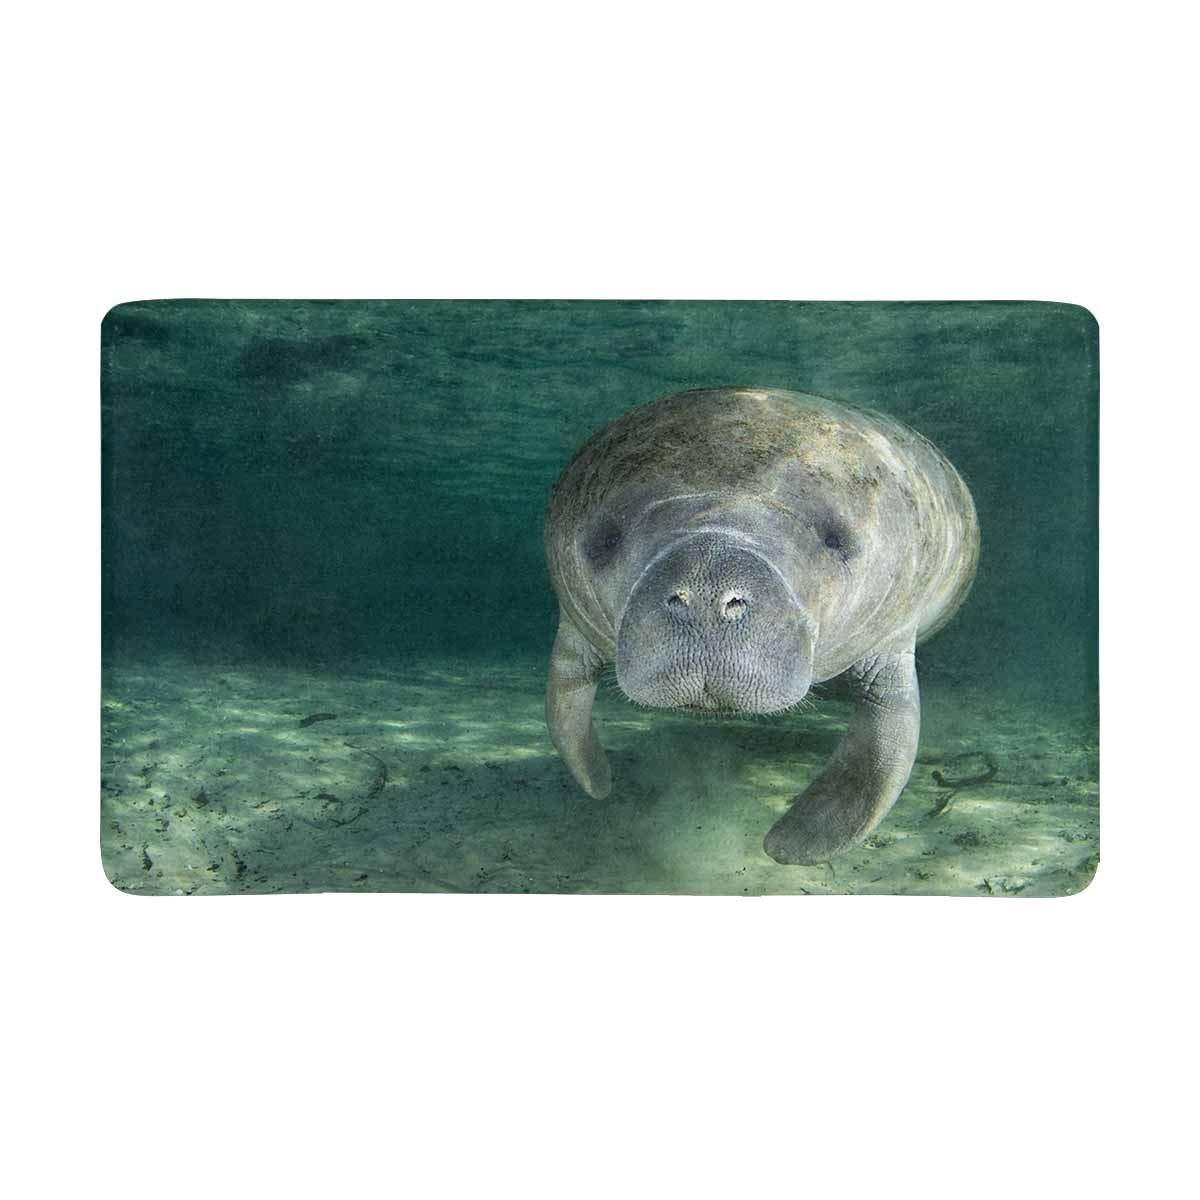 """InterestPrint Funny Cute Manatee Wild Animal Doormat Non-Slip Indoor And Outdoor Door Mat Home Decor, Entrance Rug Floor Mats Rubber Backing, Large 30""""(L) x 18""""(W)"""